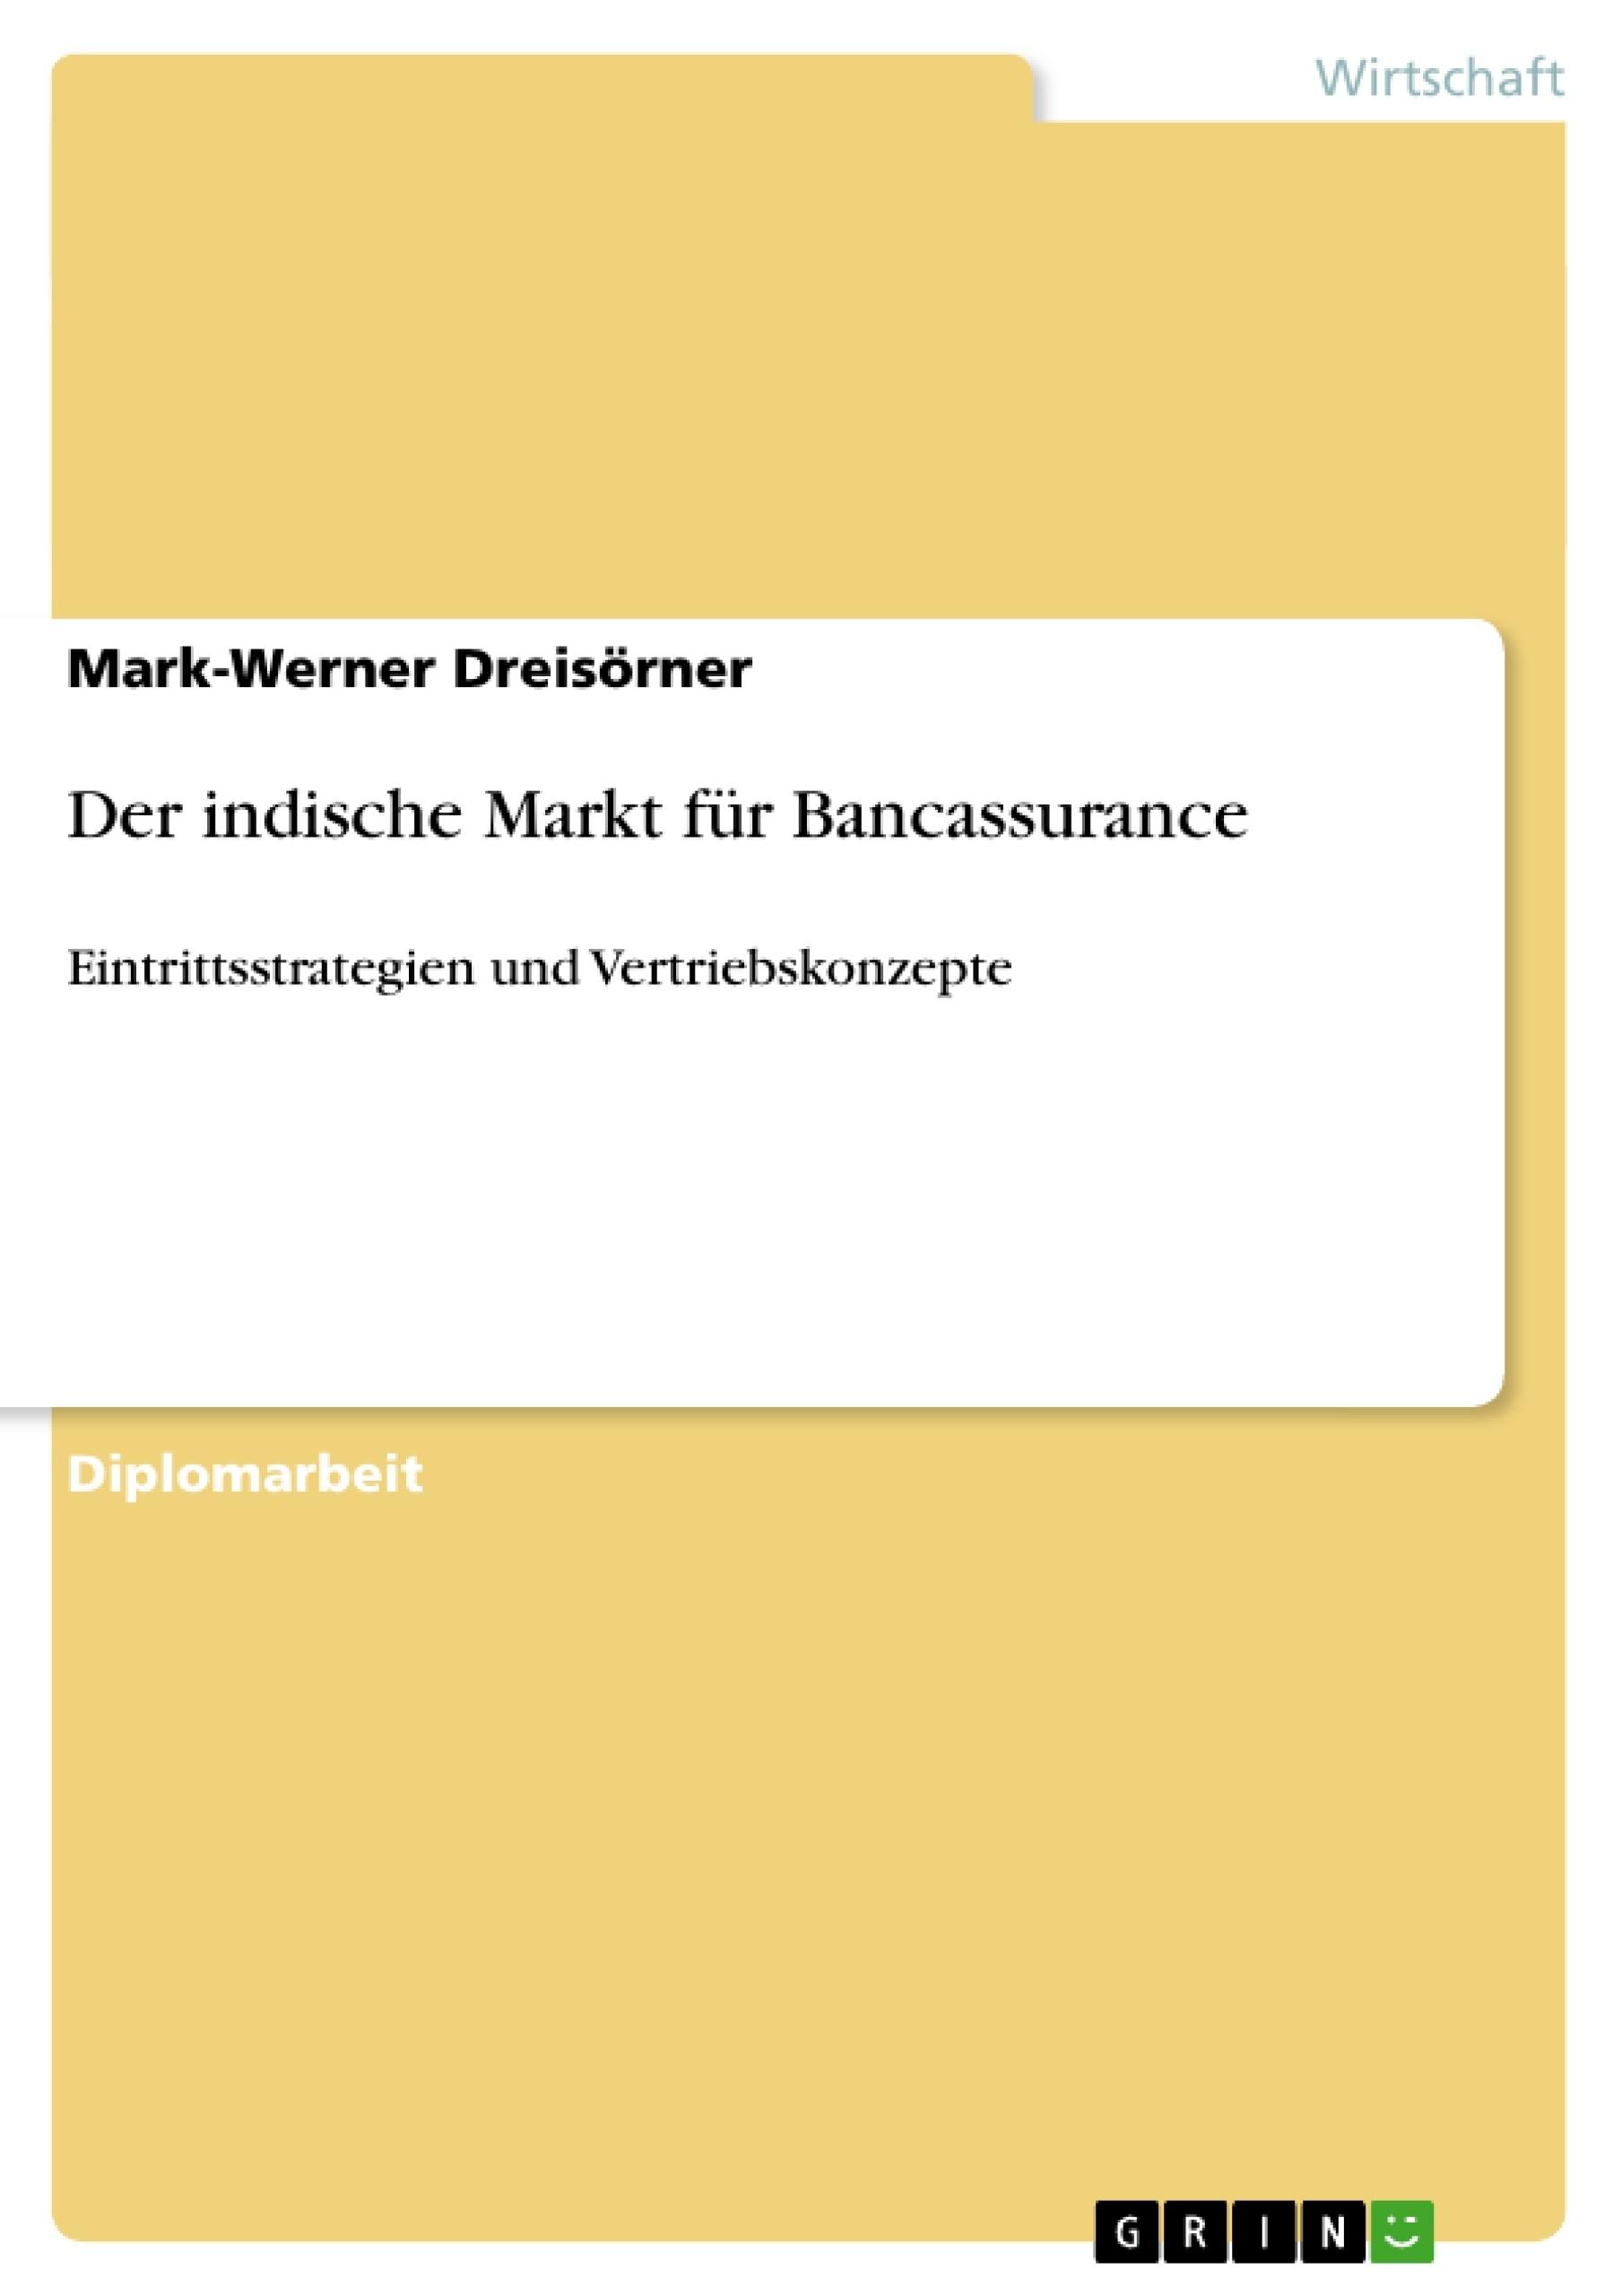 Titel: Der indische Markt für Bancassurance